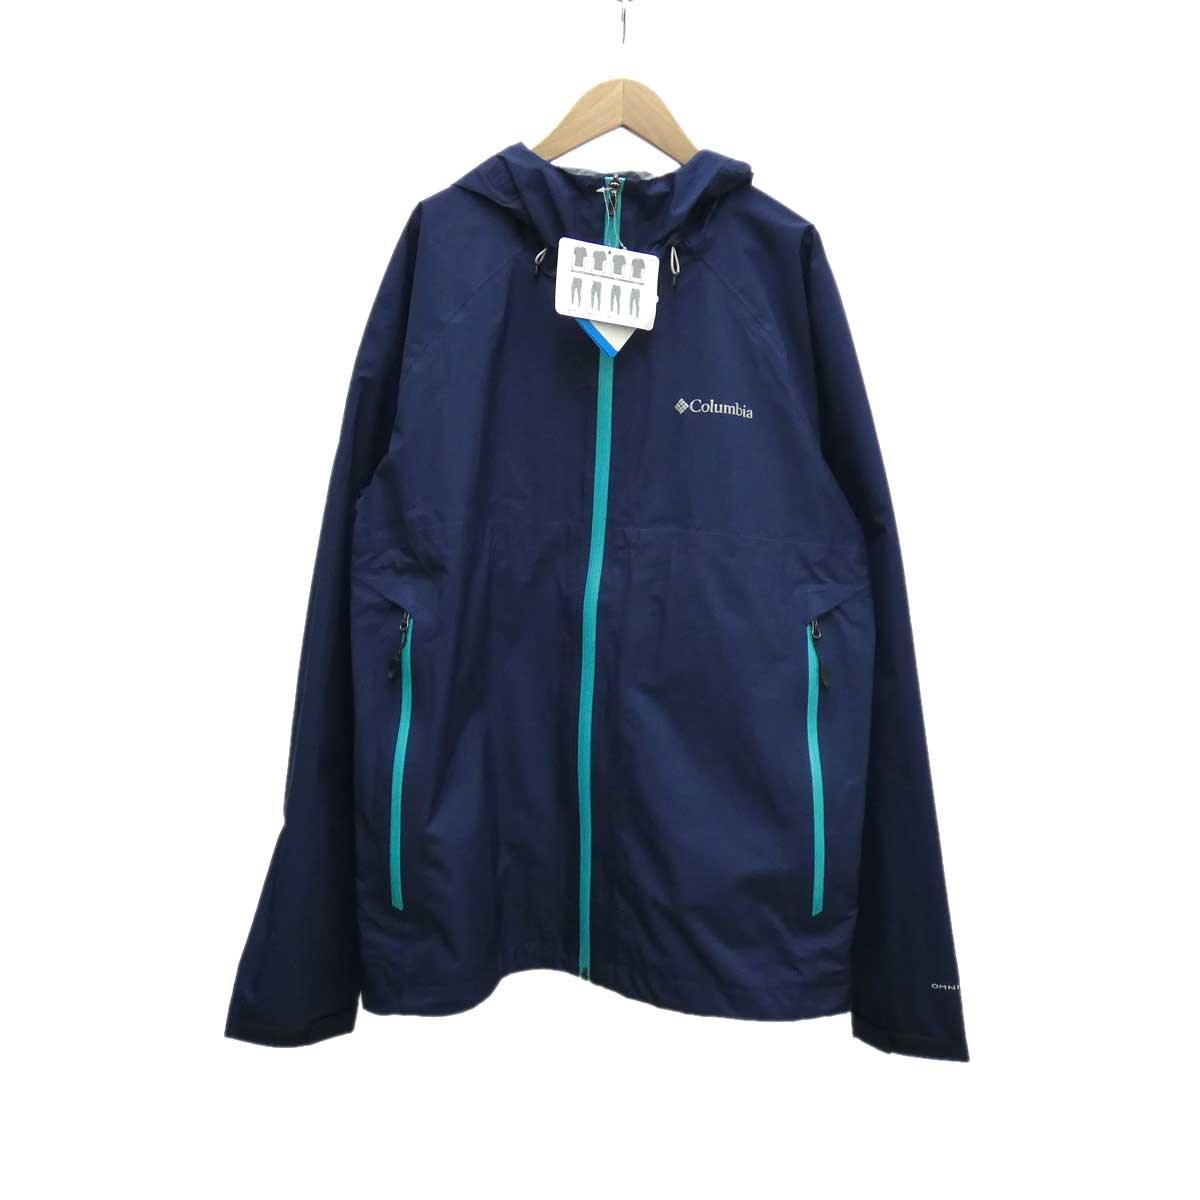 【中古】columbia ライトクレストジャケット ネイビー サイズ:L 【170220】(コロンビア)